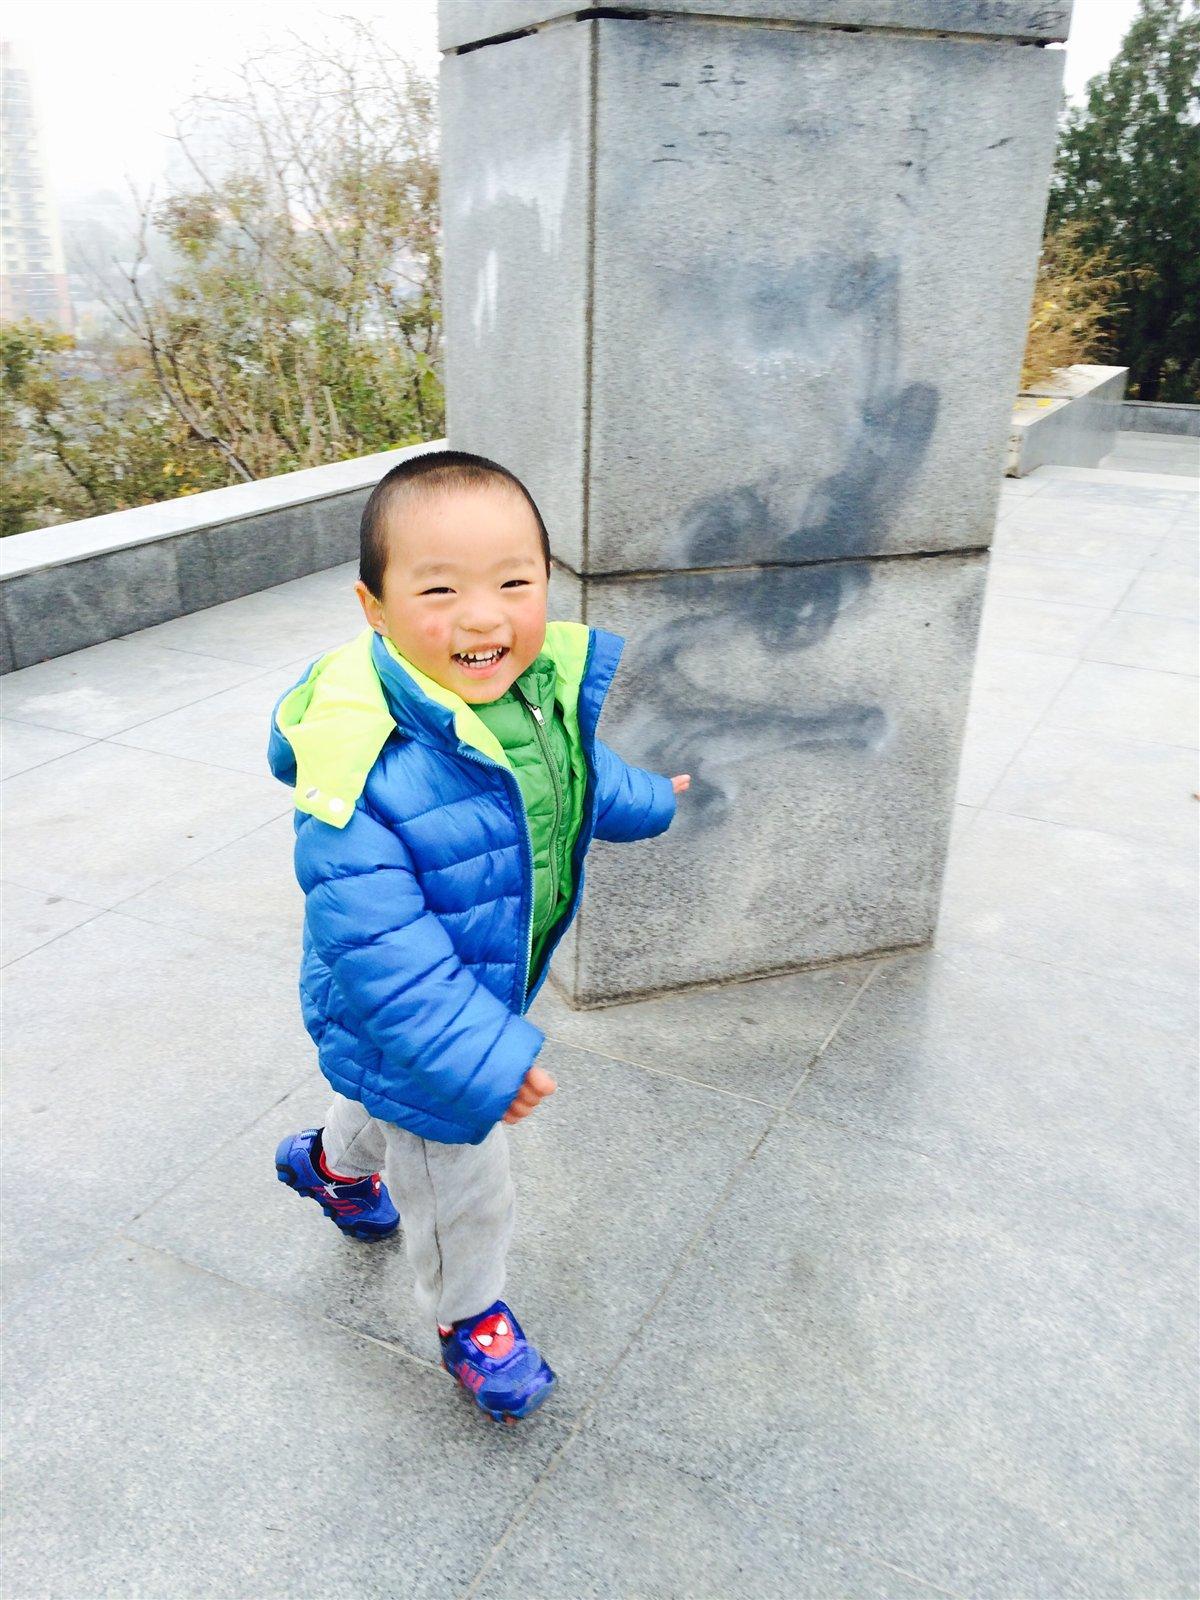 郭岩越_天元杯博兴第二届小孩视频v小孩明星初赛接吻宝宝图片